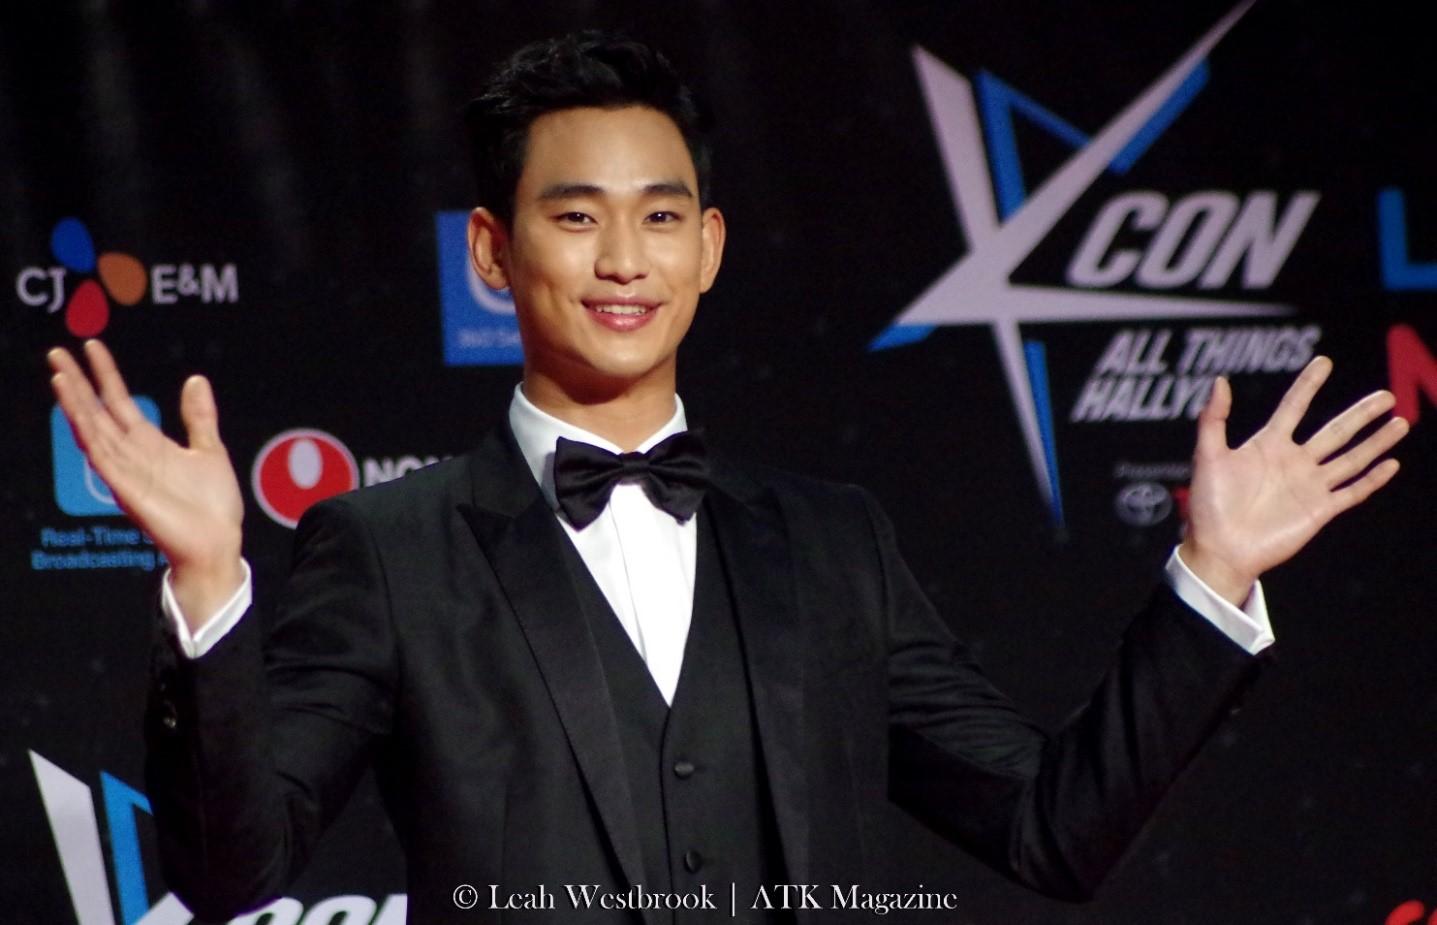 Top-5-su-that-thu-vi-ve-kim-soo-hyun-1